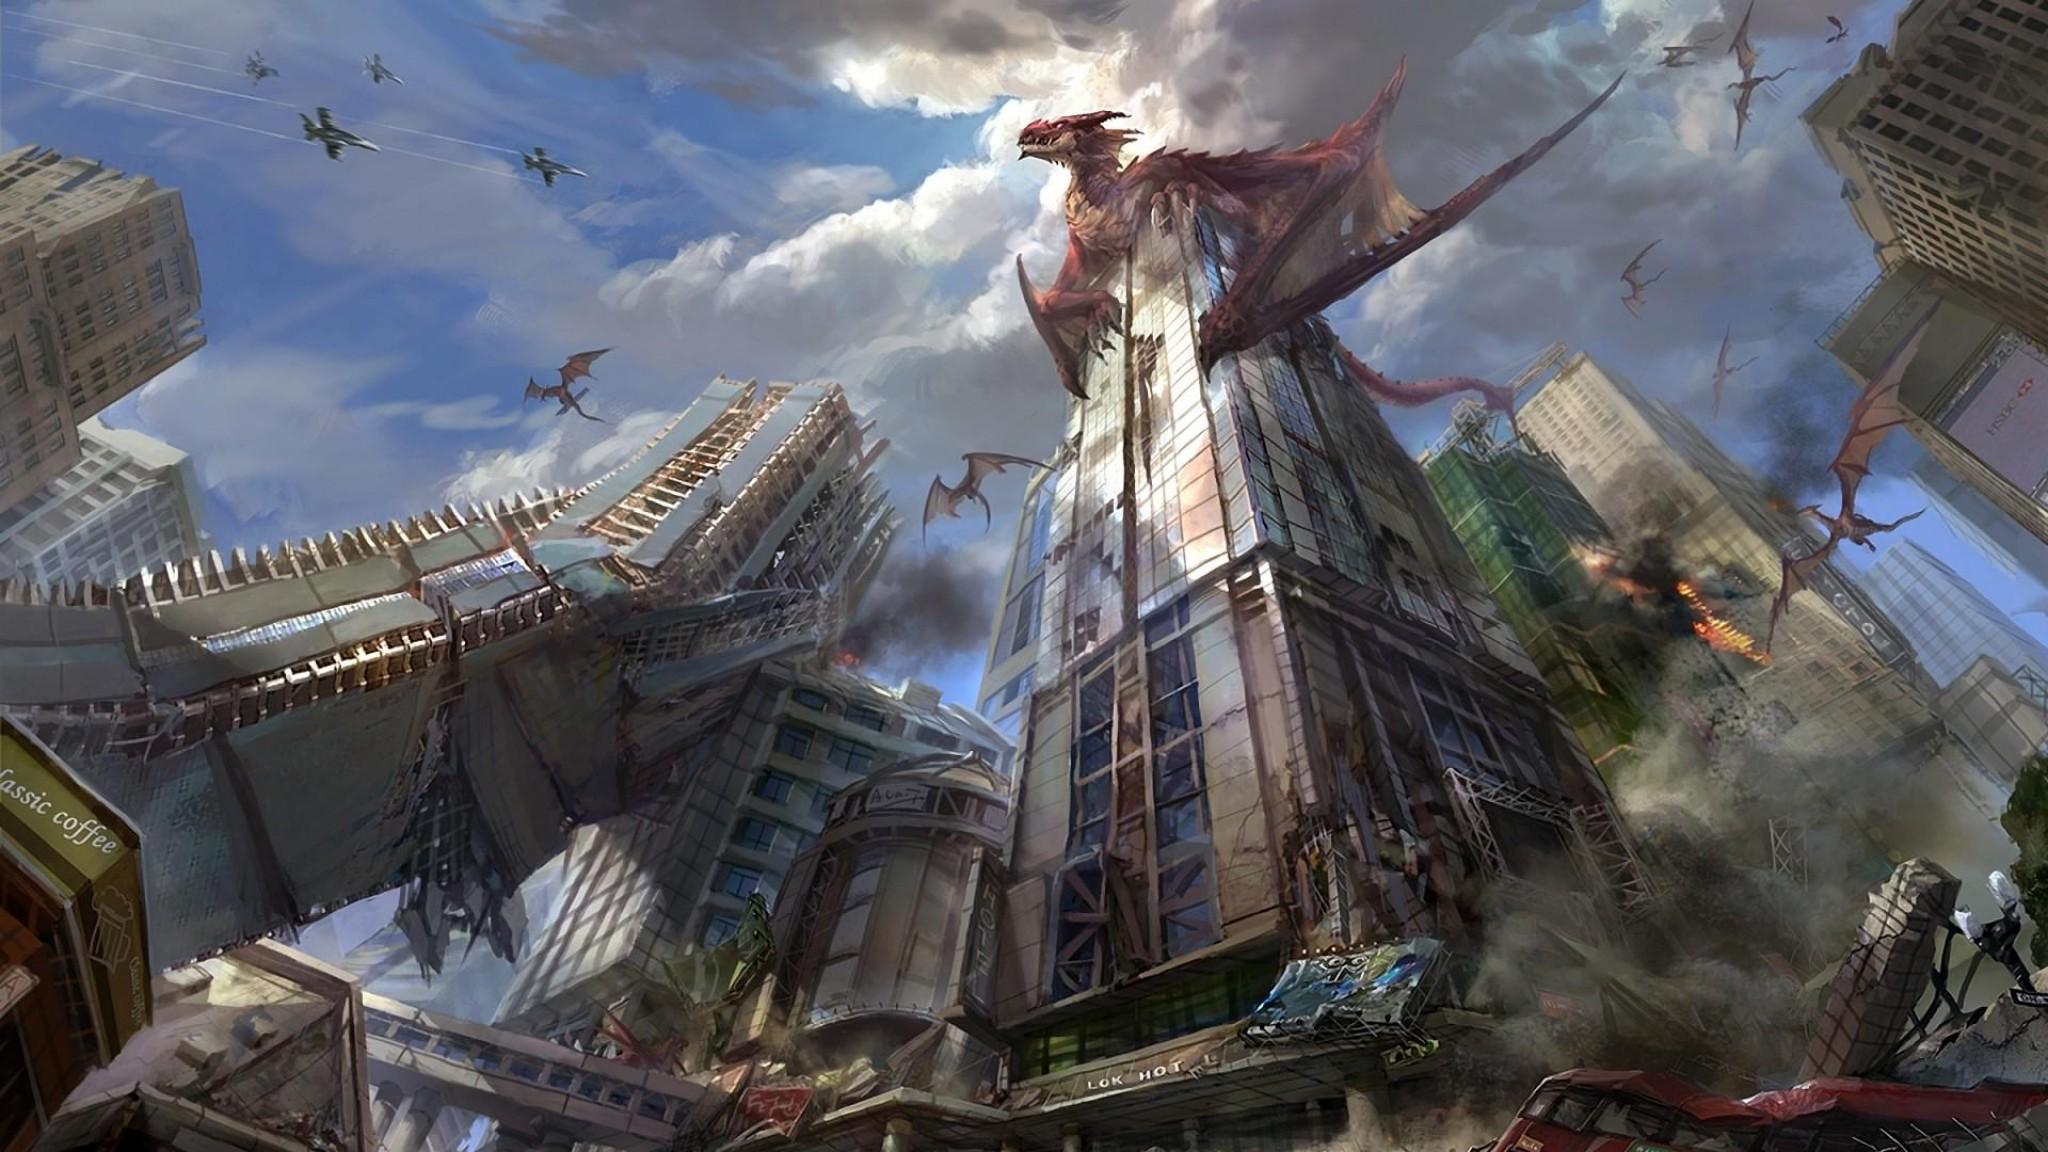 Wallpaper dragons, city, skyscrapers, destruction